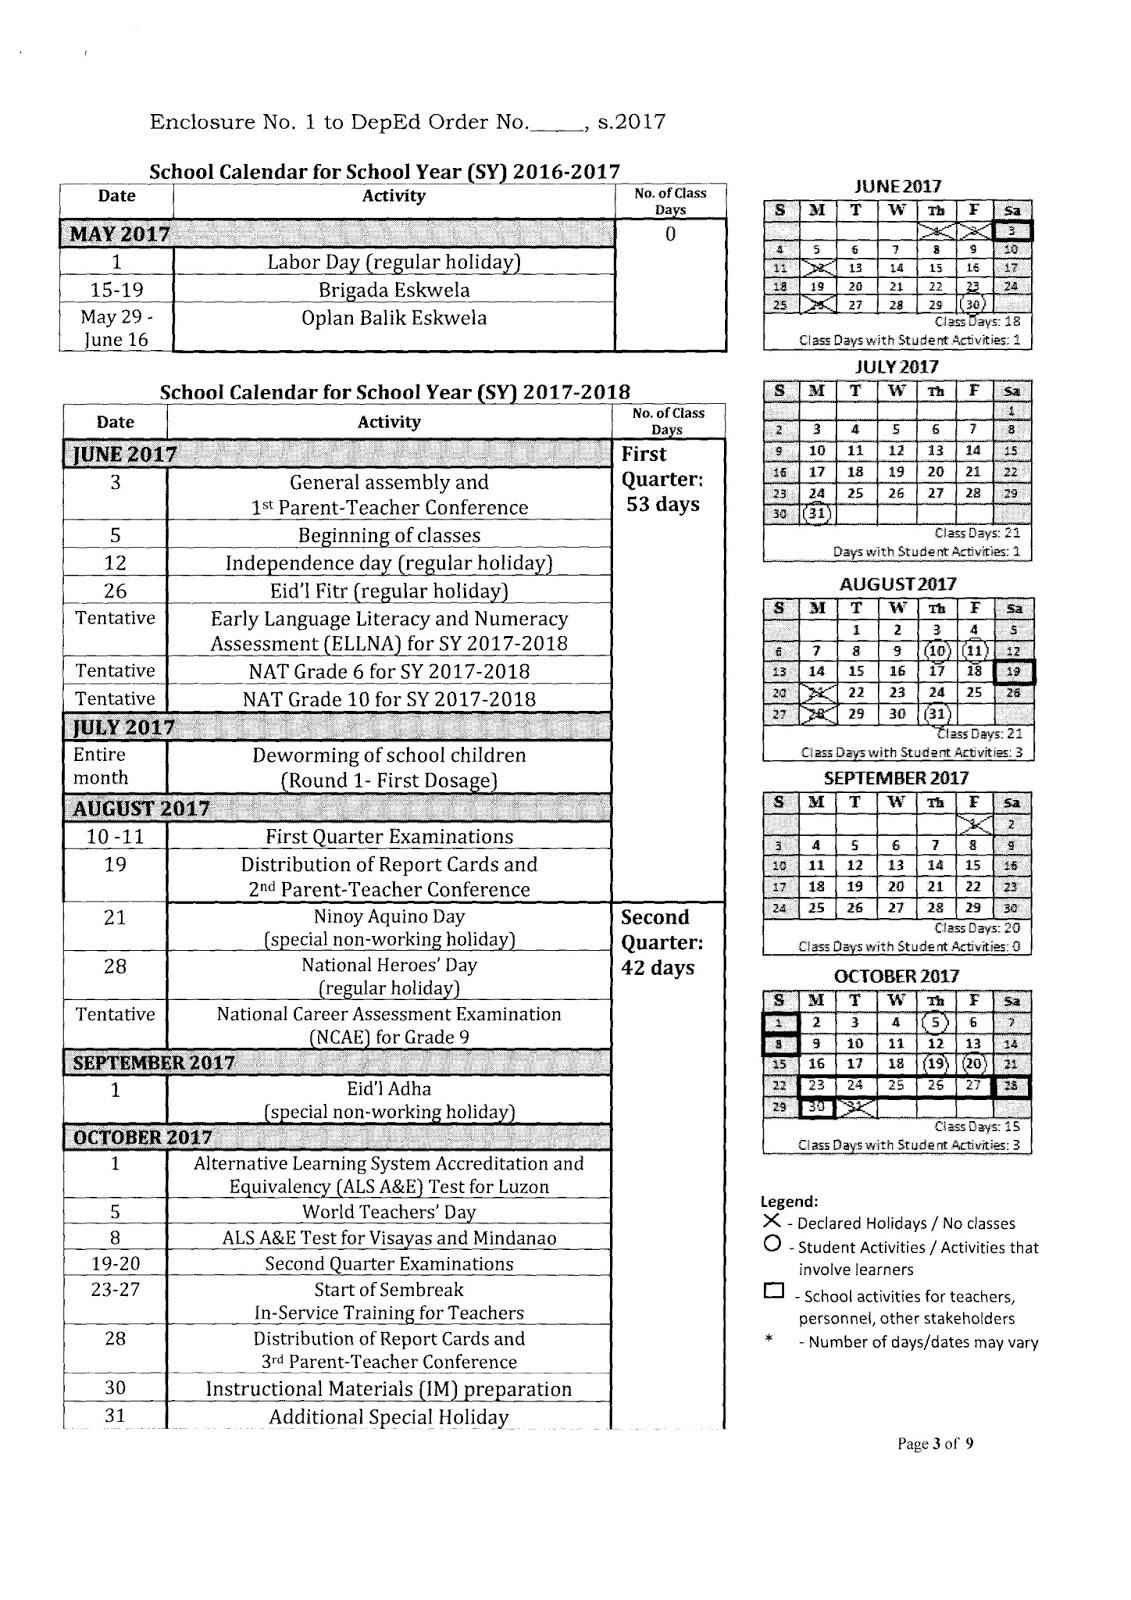 DepEd School Calendar for School Year 2017-2018 - BUHAY MAESTRO MAESTRA